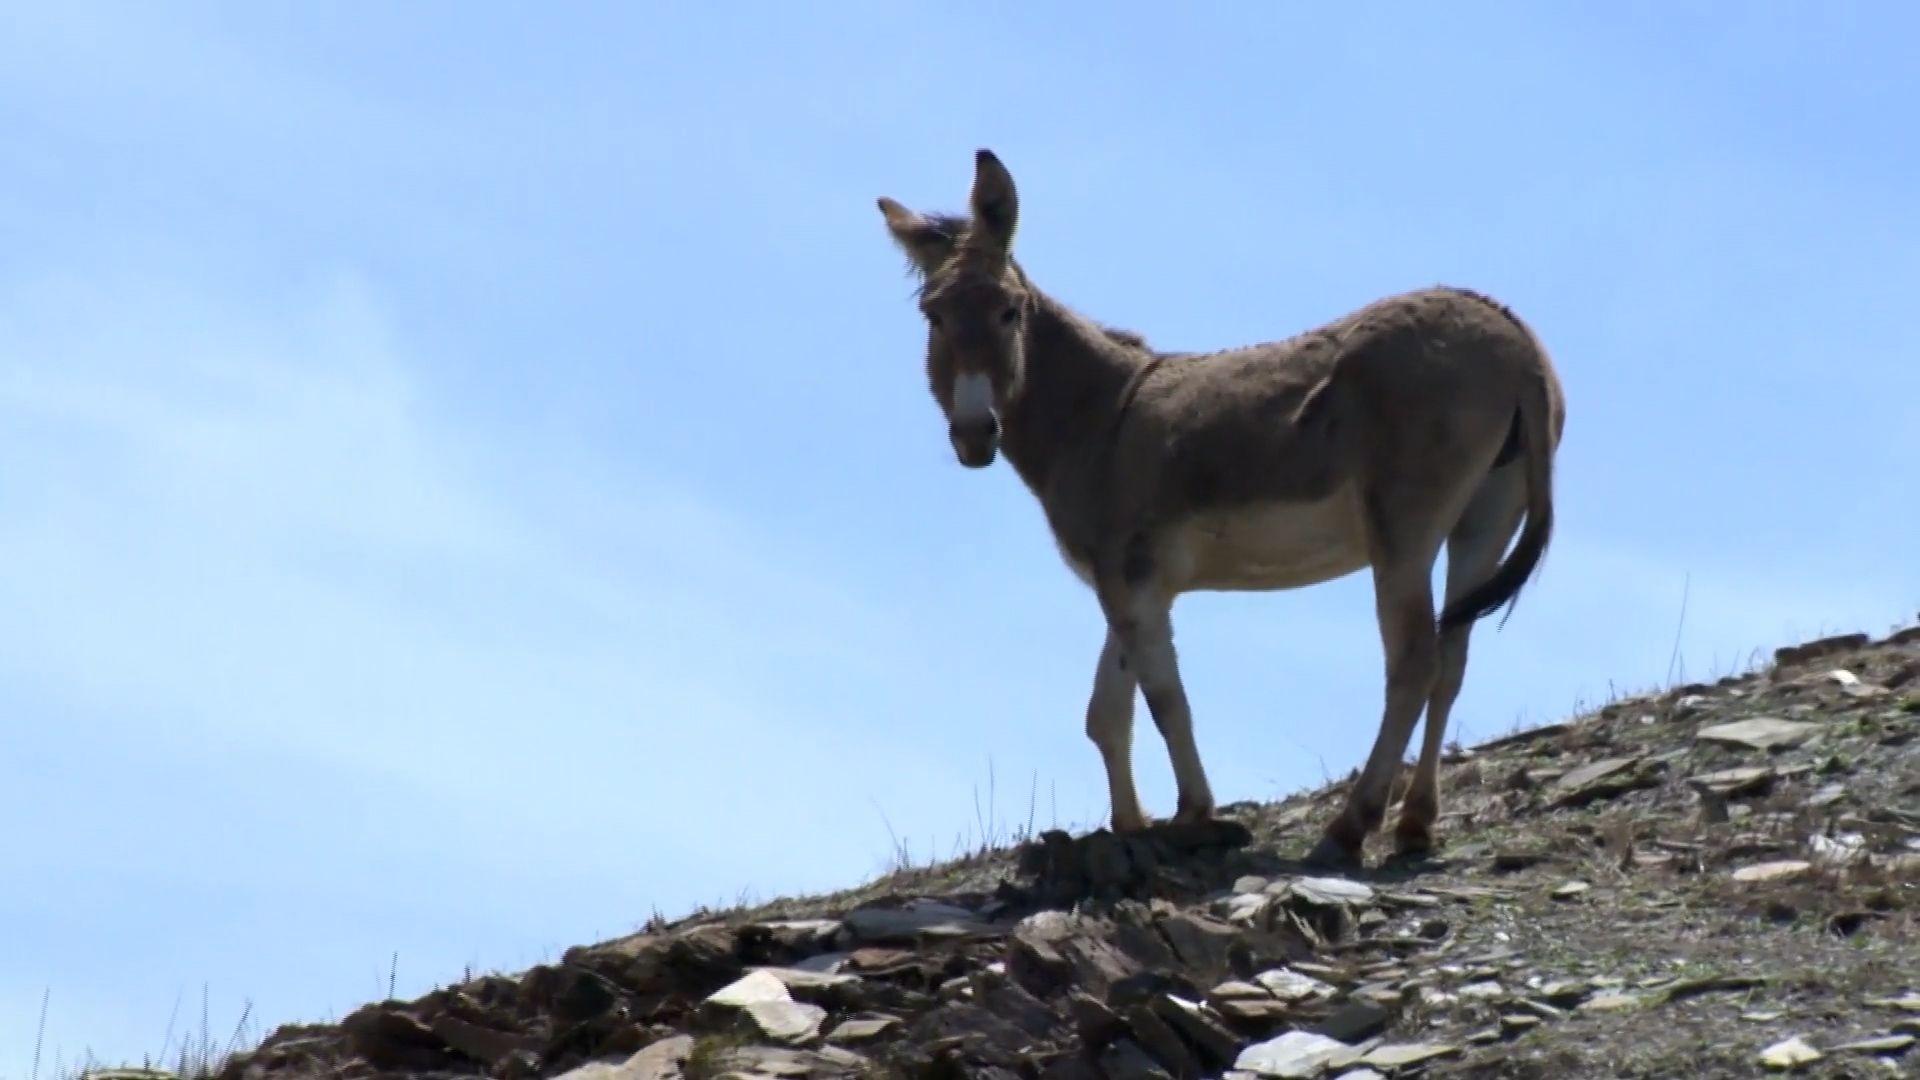 bhdn stranded burro pkg kcra st1 100000000008a19e 136 1 mp4 still002 1493221557 jpg